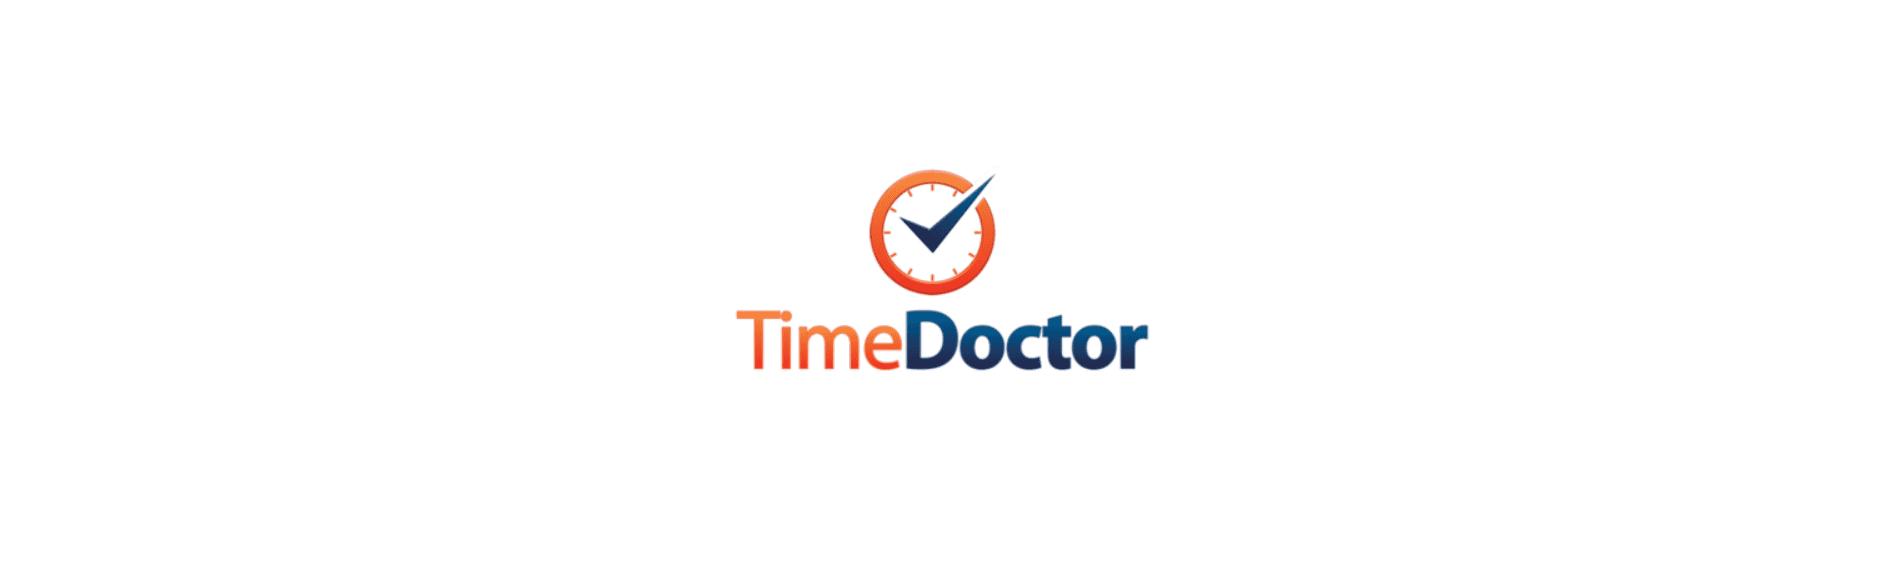 Time Doctor Türkiye